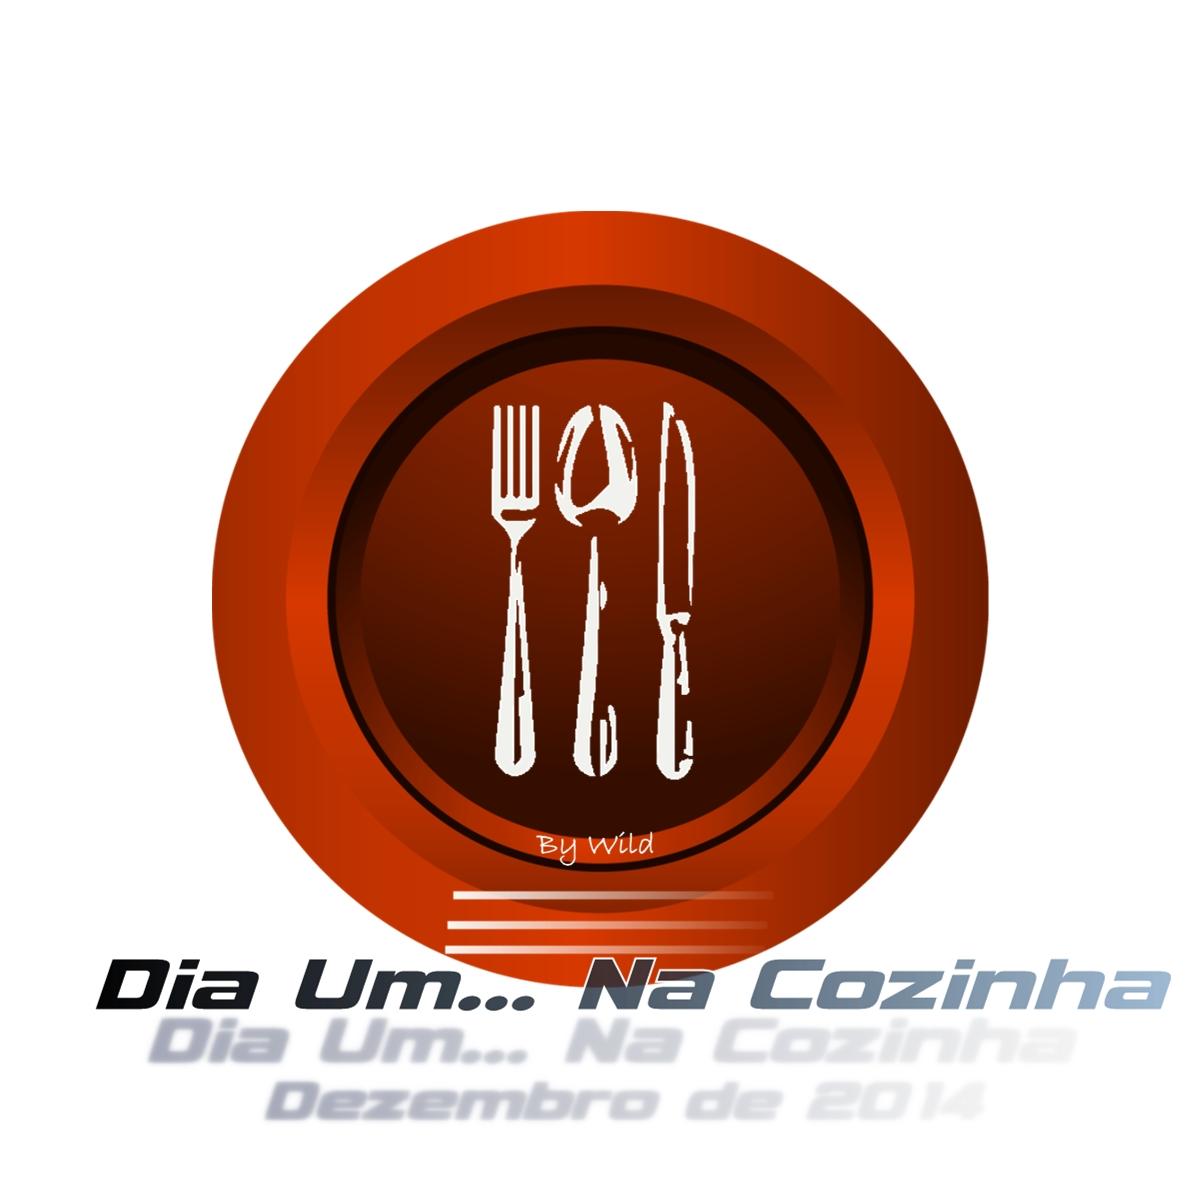 https://www.facebook.com/groups/diaumnacozinha/